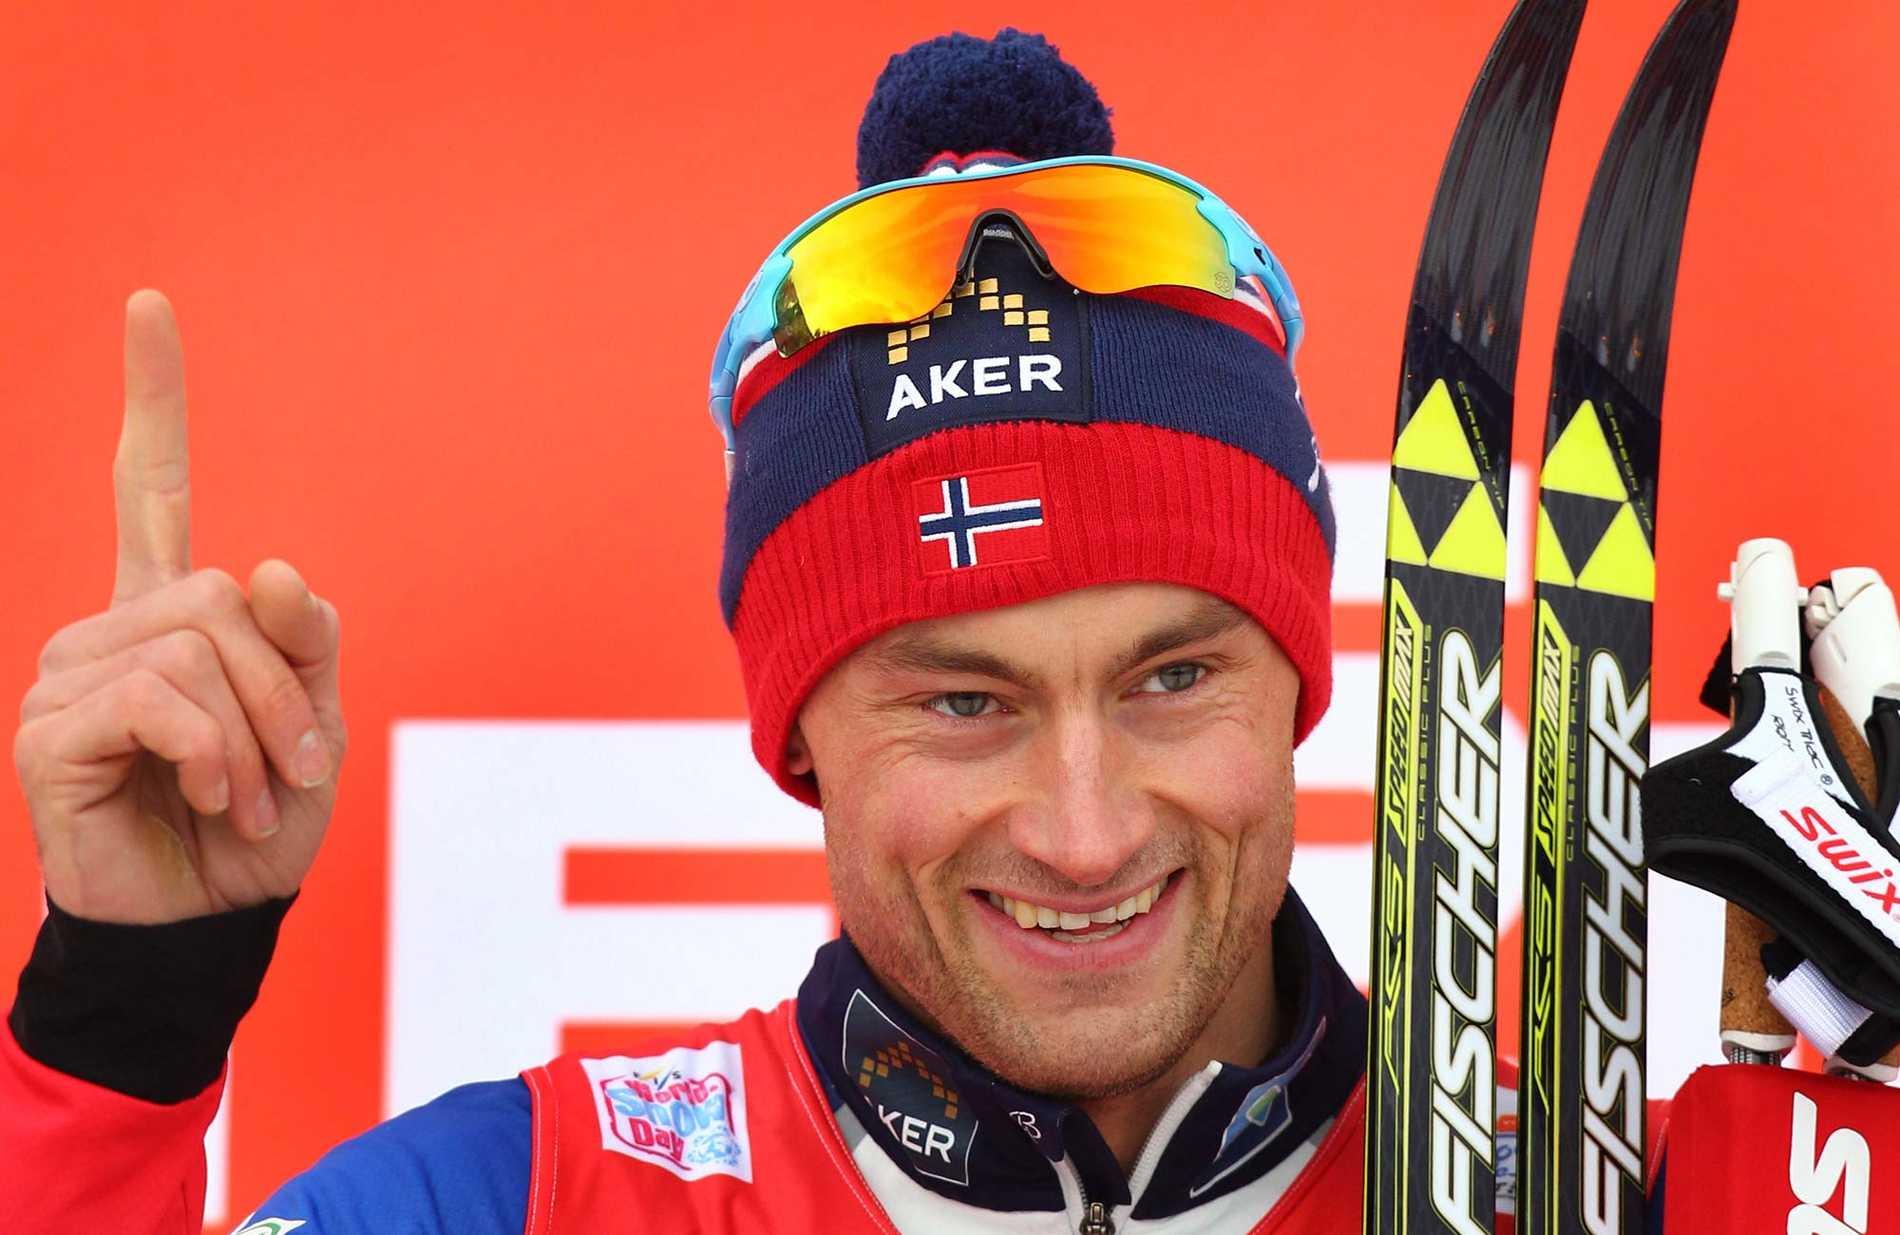 Petter Northug är storfavorit i skid-VM, enligt oddsen.